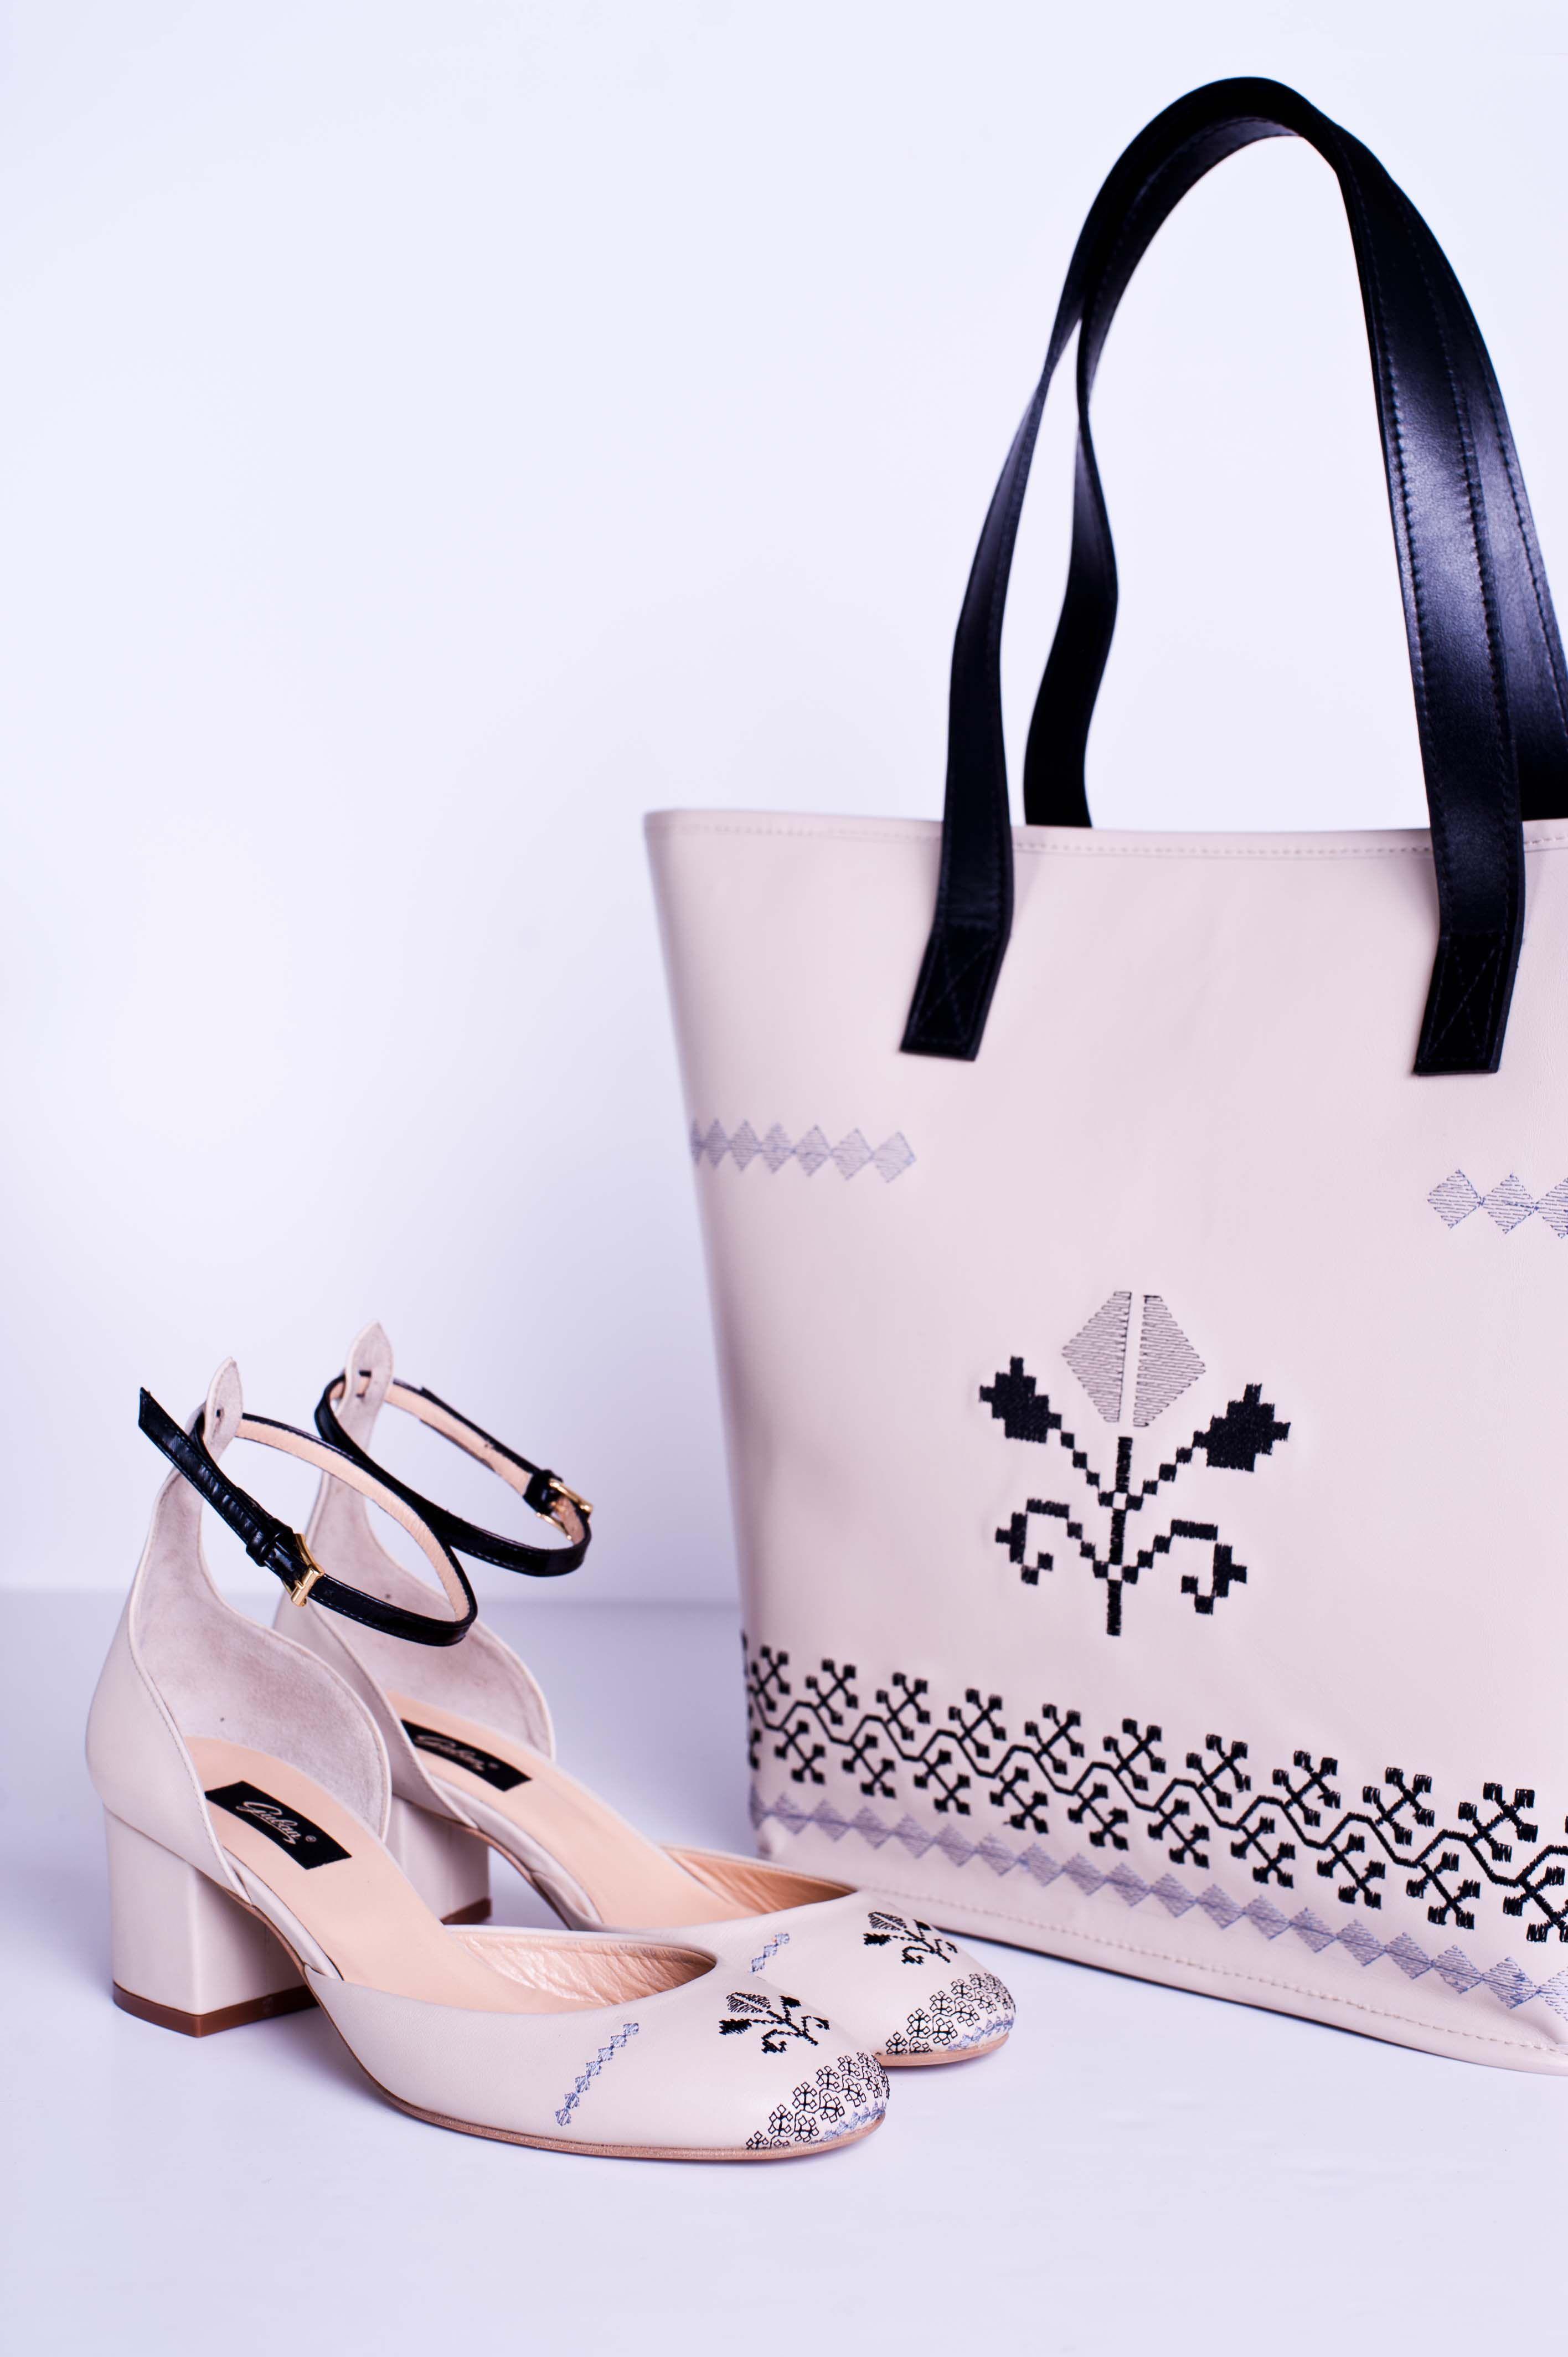 comandă online cel mai ieftin pret vânzare cu ridicata genți și accesorii cu motive tradiționale. | Bags, Tote bag, Shoe bag